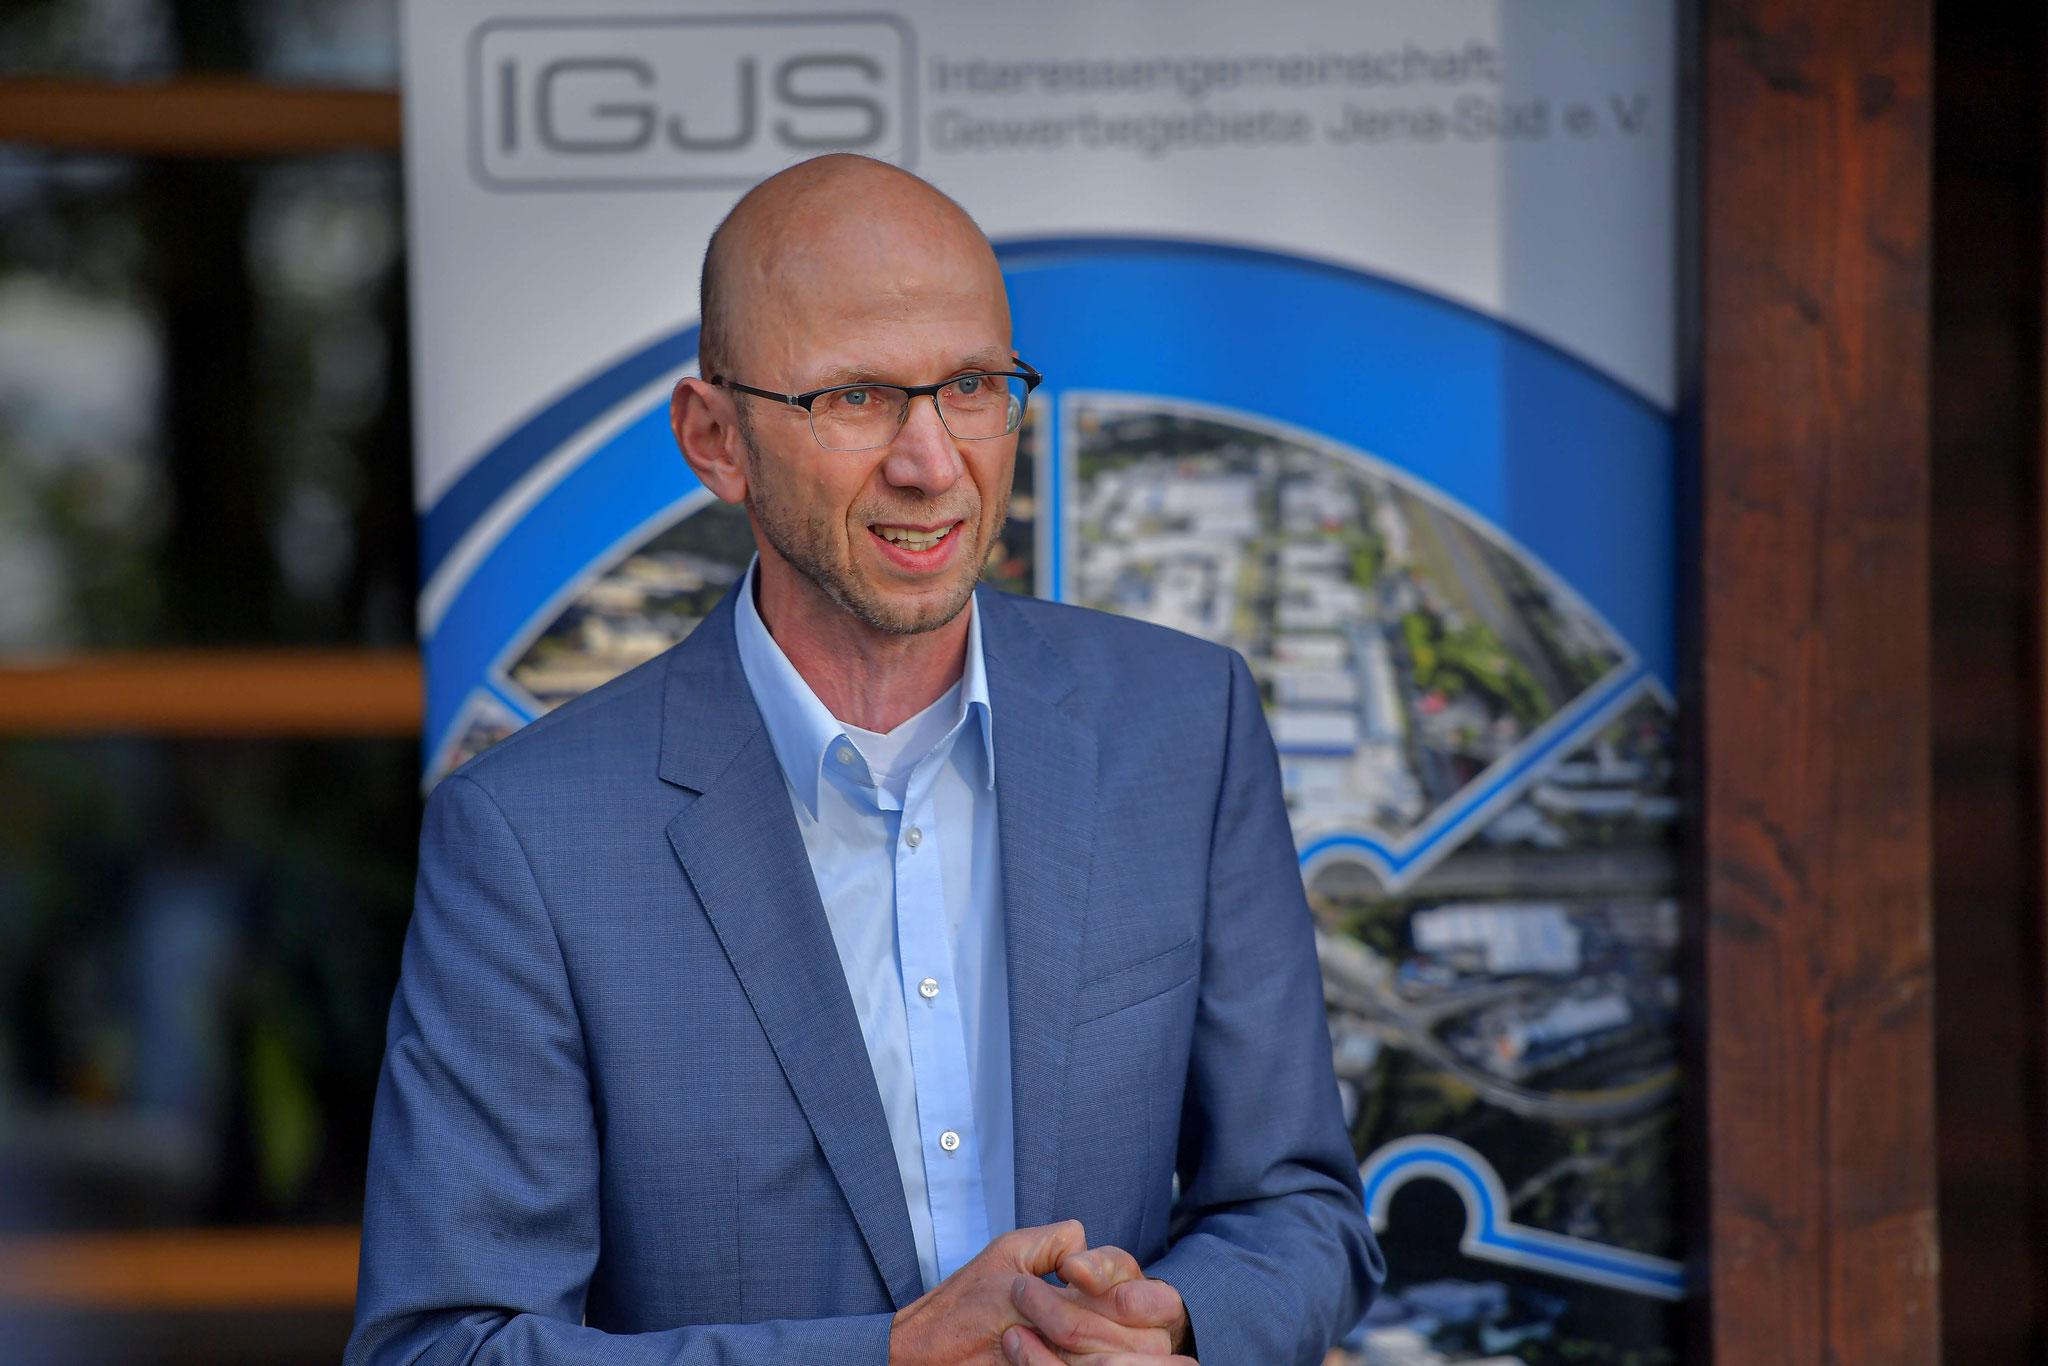 Wilfried Röpke informiert über die Aktivitäten der Wirtschaftsförderung Jena